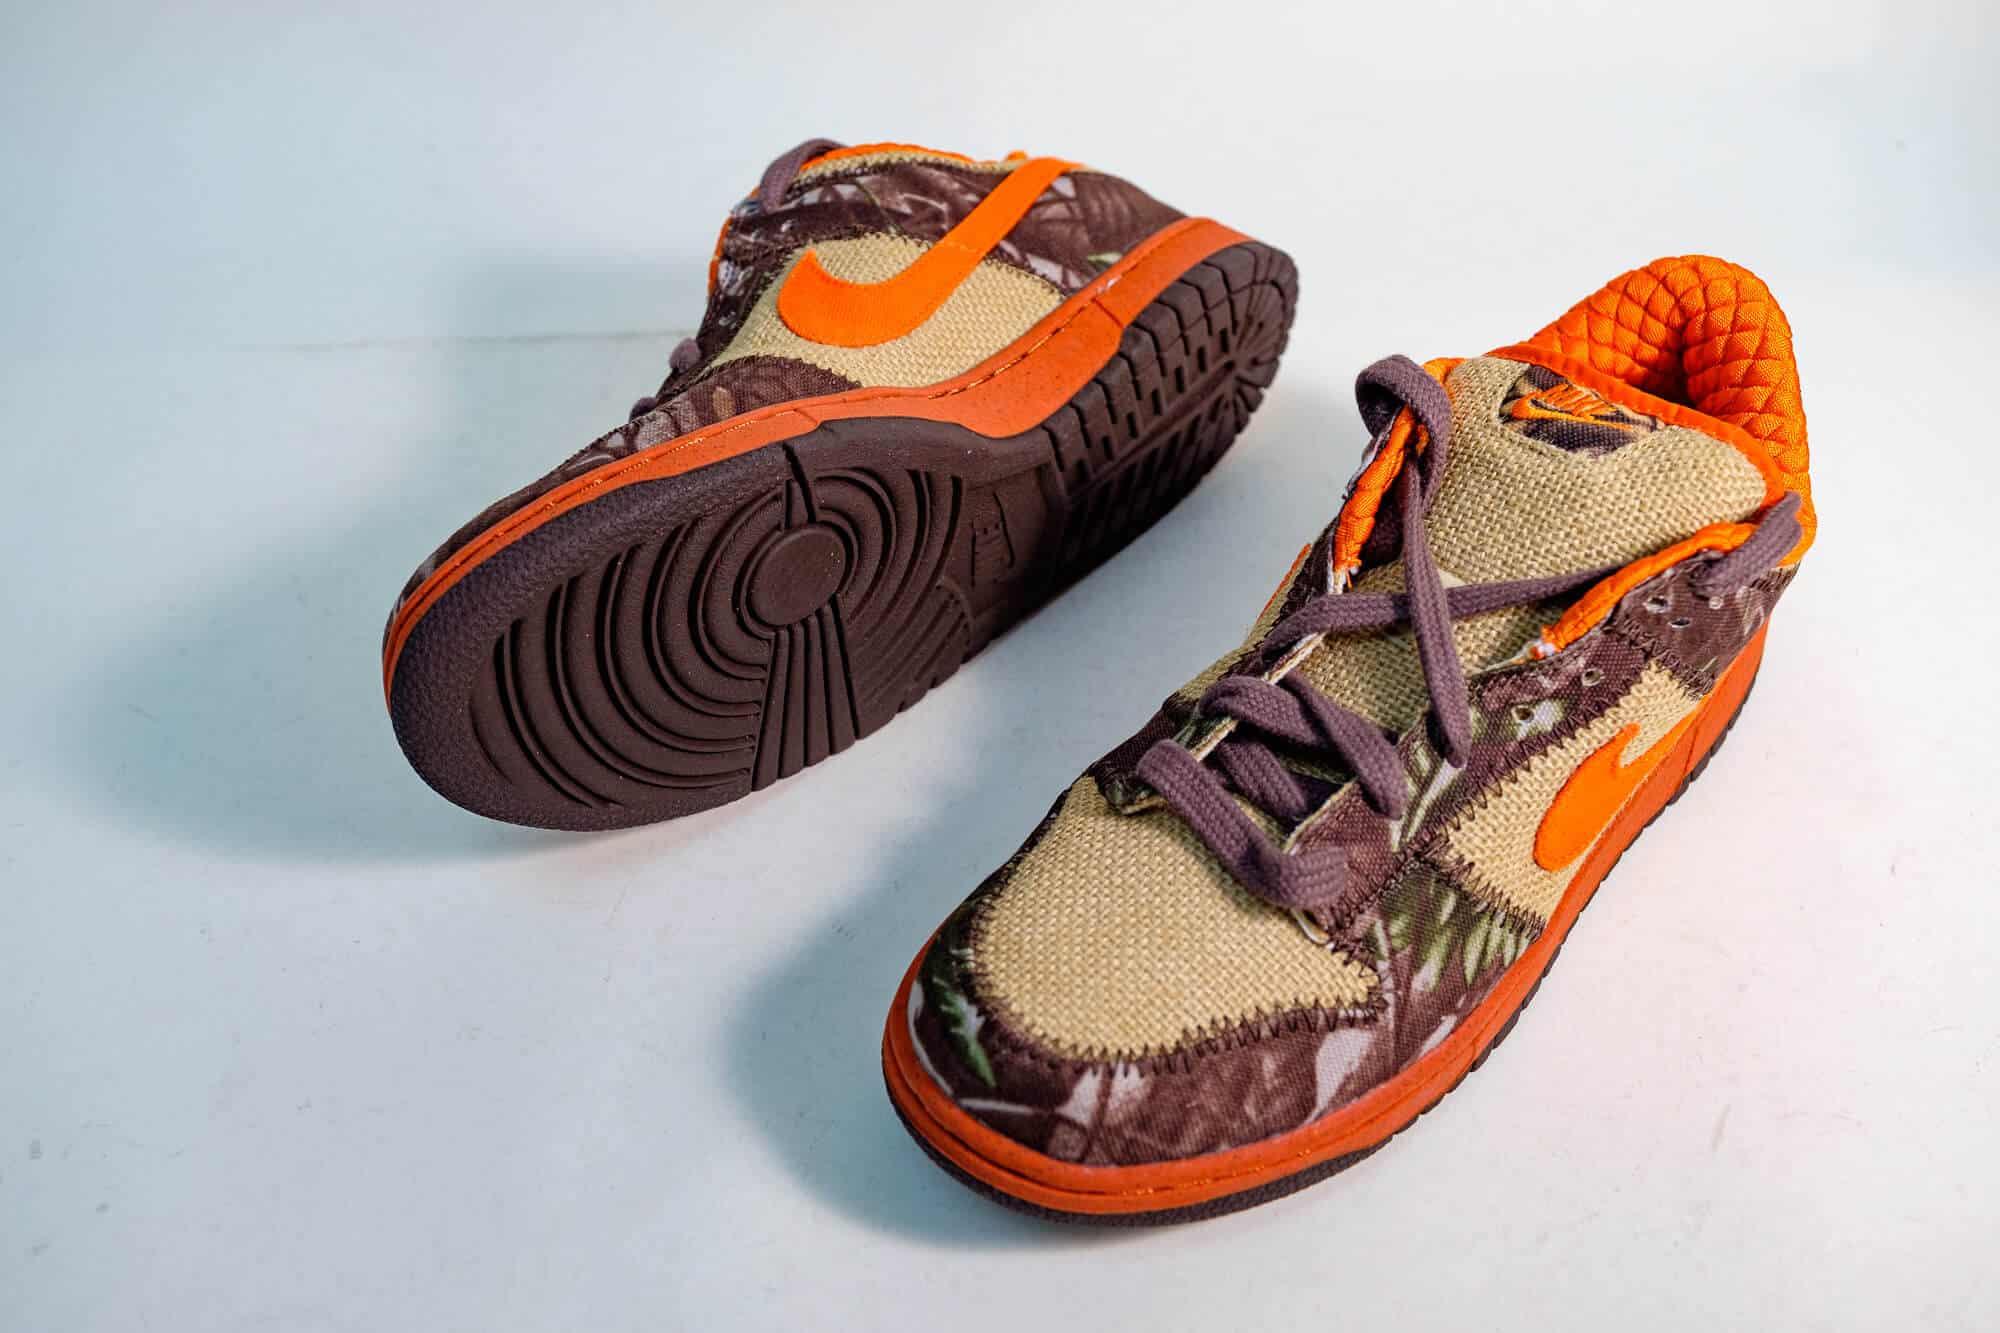 Đôi giày trượt ván có phong cách năng động, cá tính